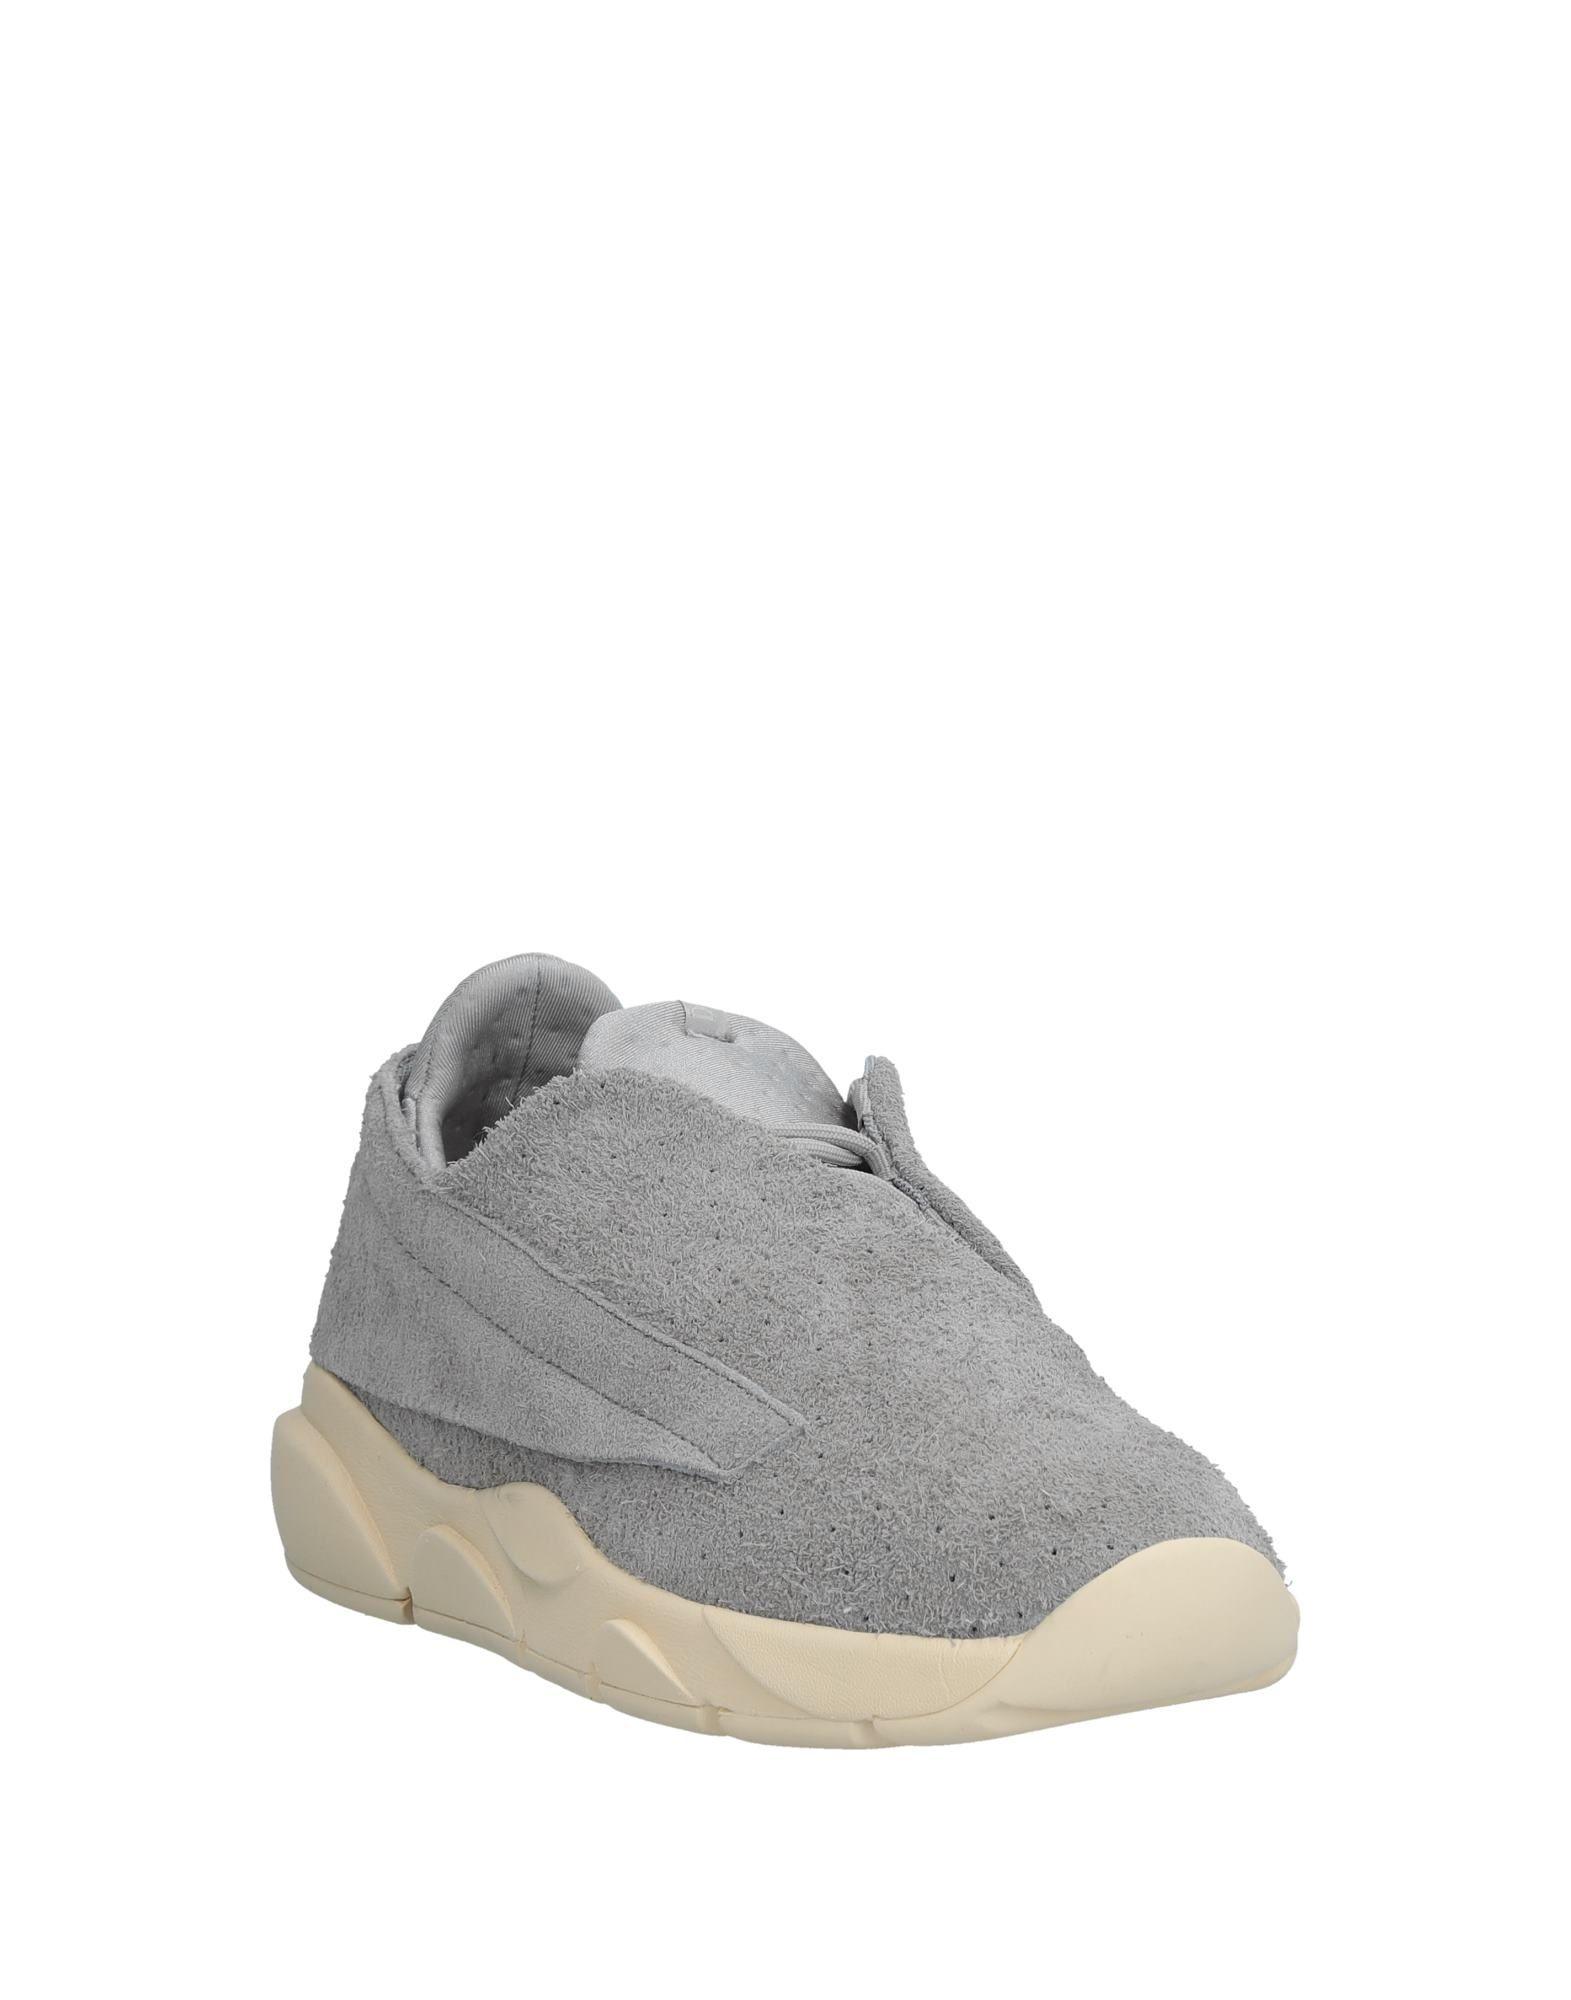 Rabatt Weather echte Schuhe Clear Weather Rabatt Sneakers Herren  11543248AF 05ebfb